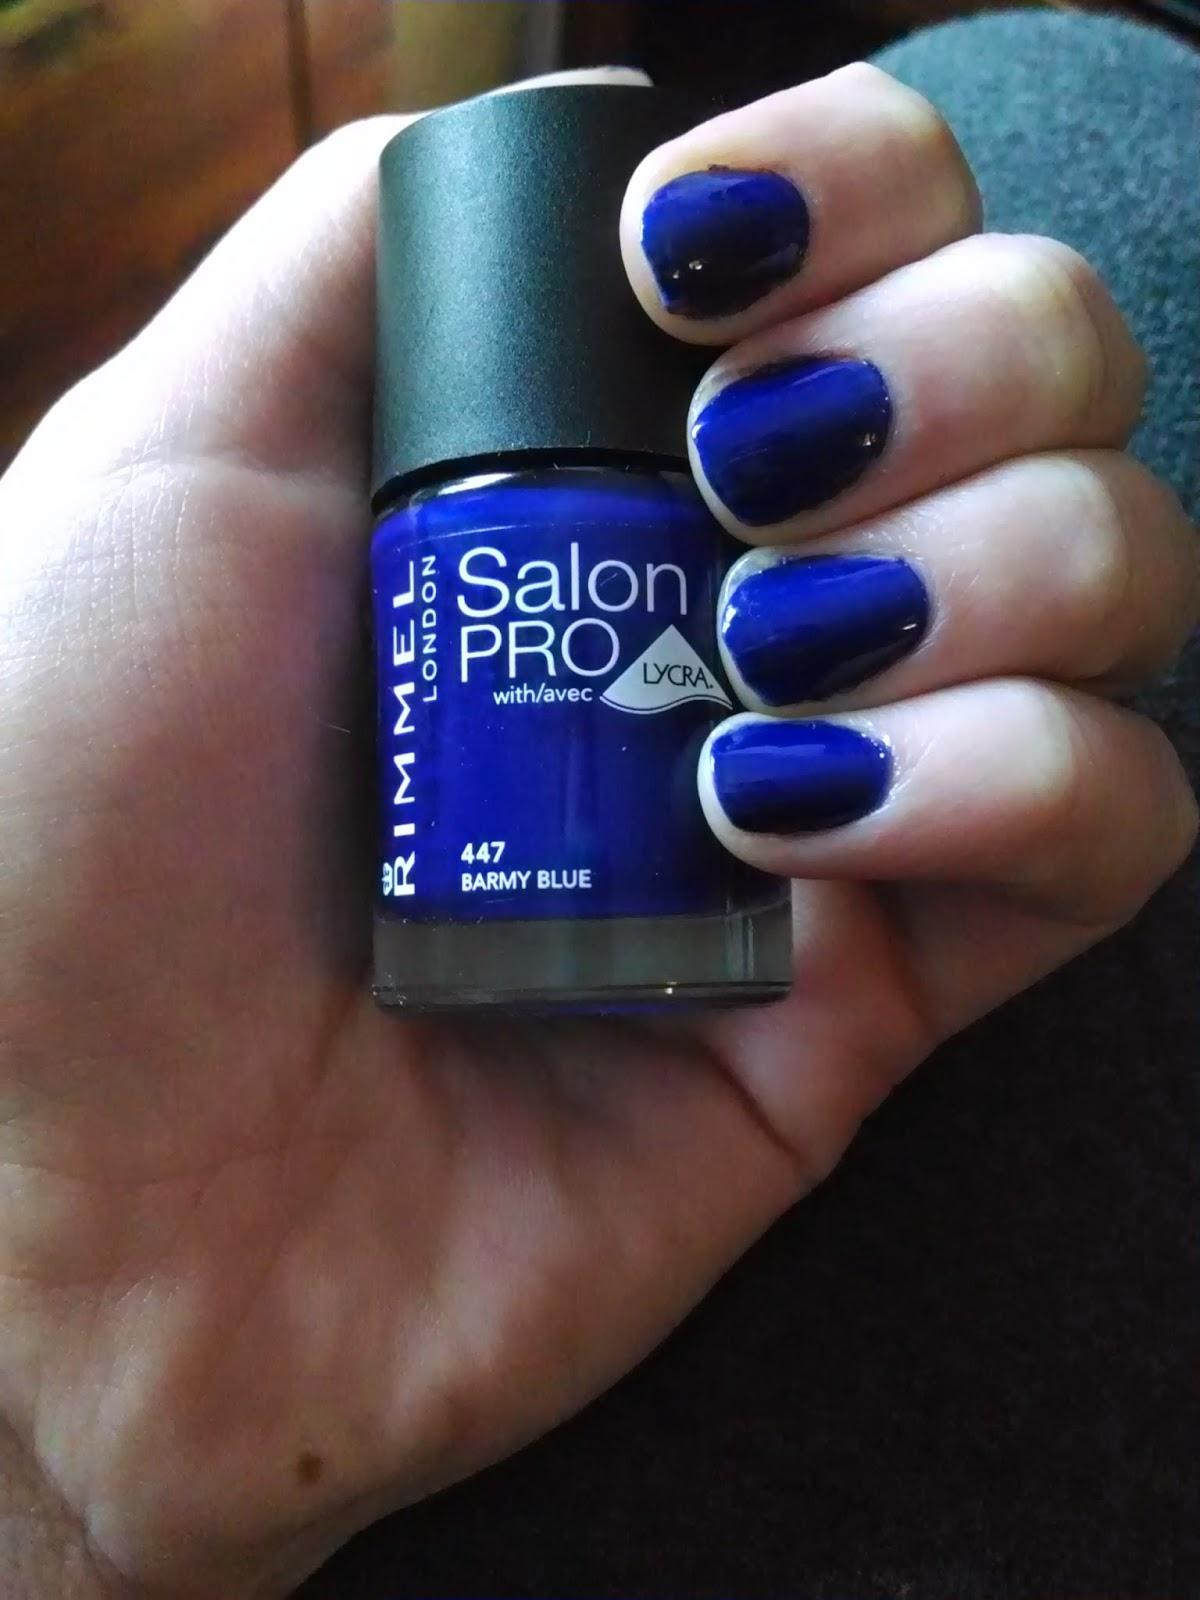 Rimmel Salon Pro 447 Barmy Blue